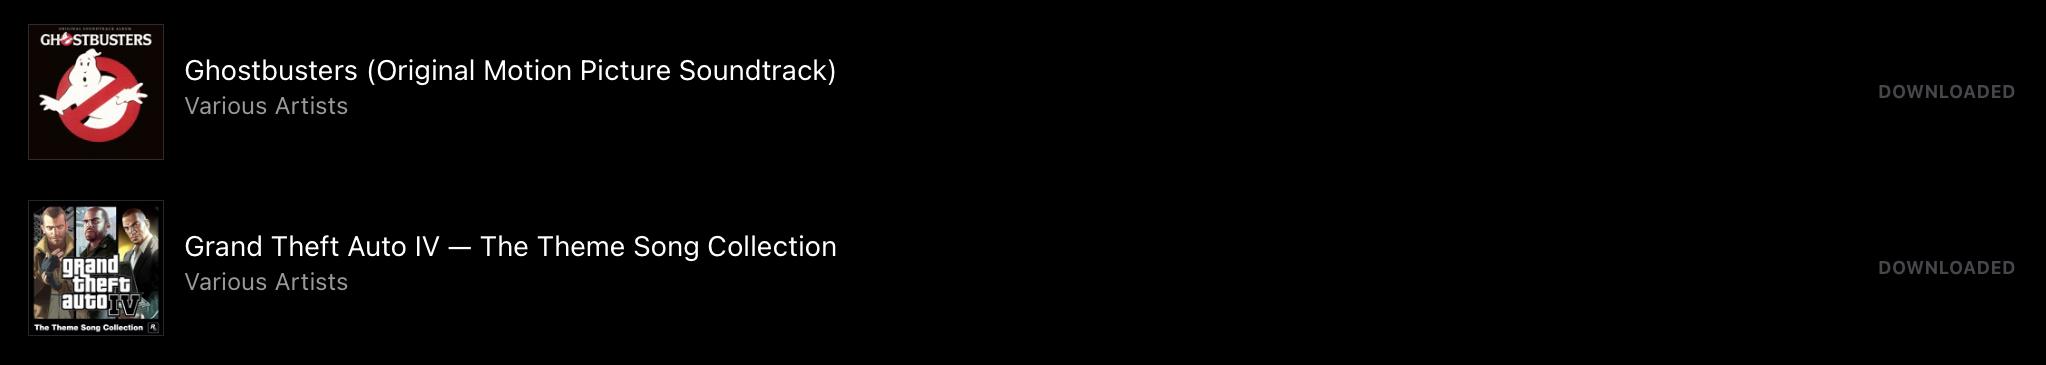 6FA87910-9B03-4ED6-A56C-9D796D7B0AB5.jpeg